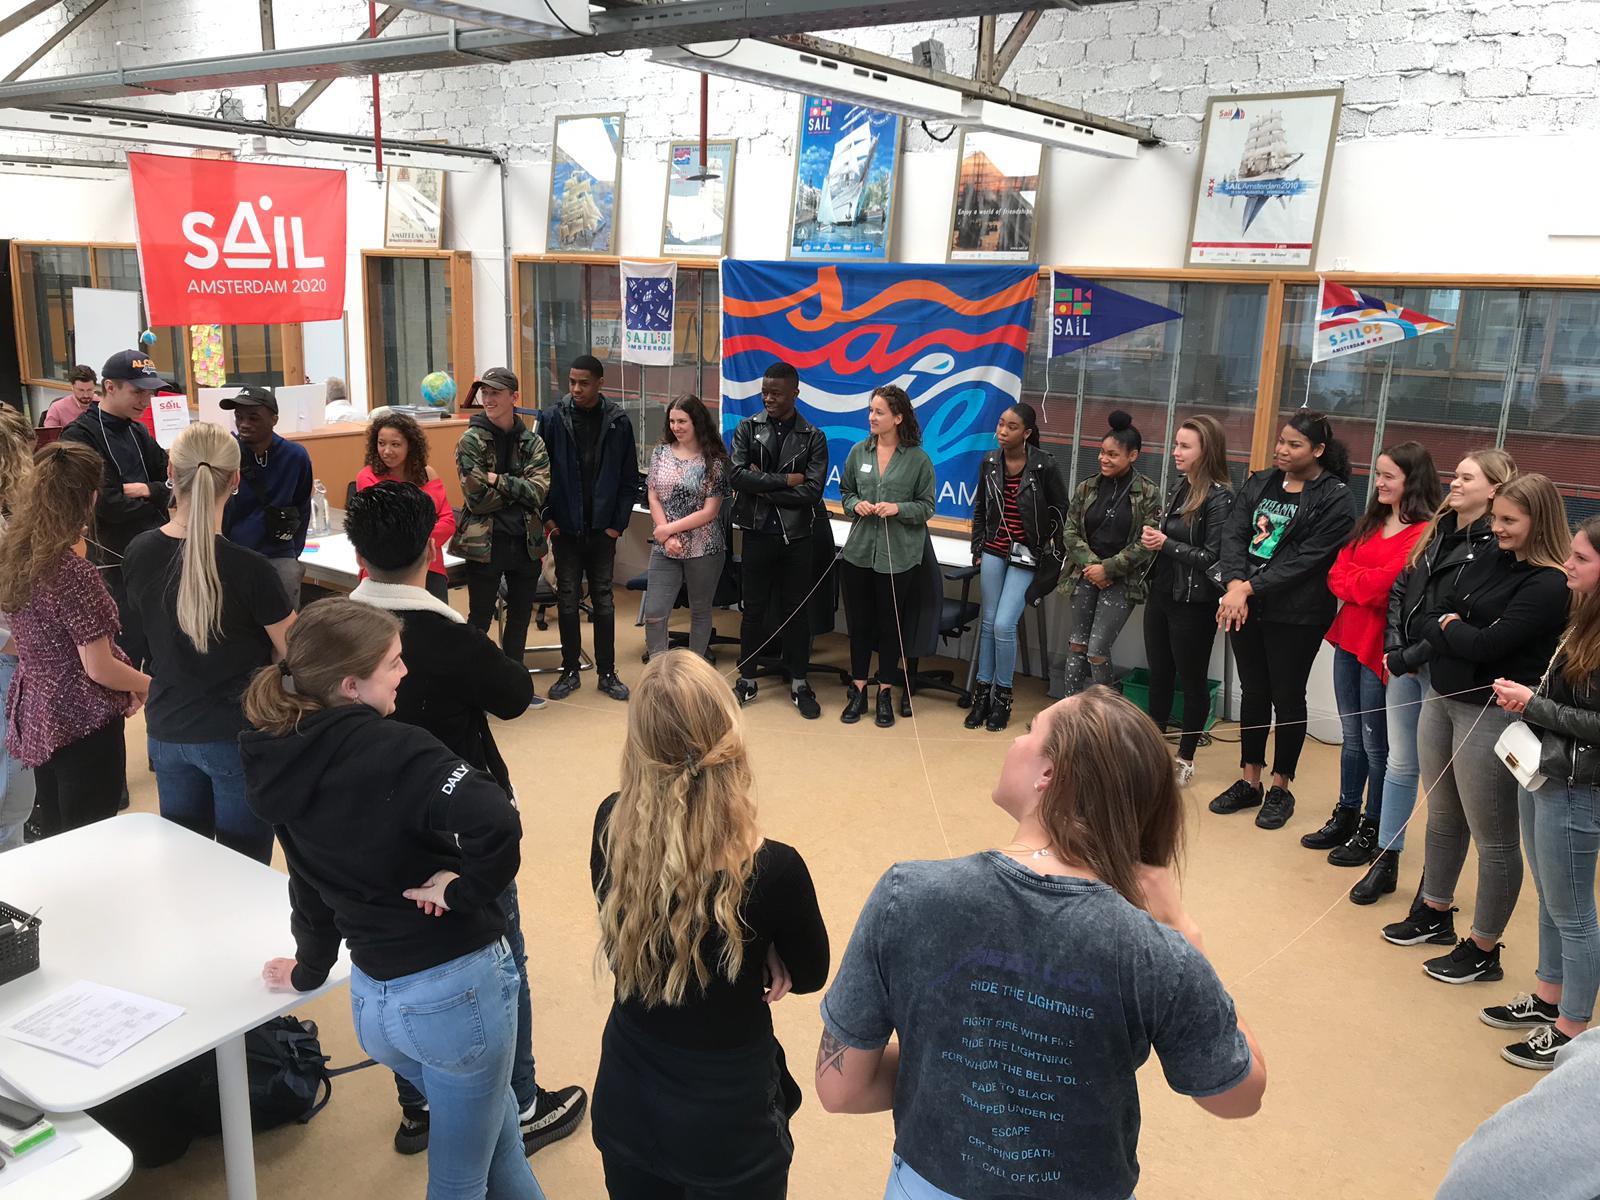 Groep mensen in een cirkel die les krijgen in een lokaal